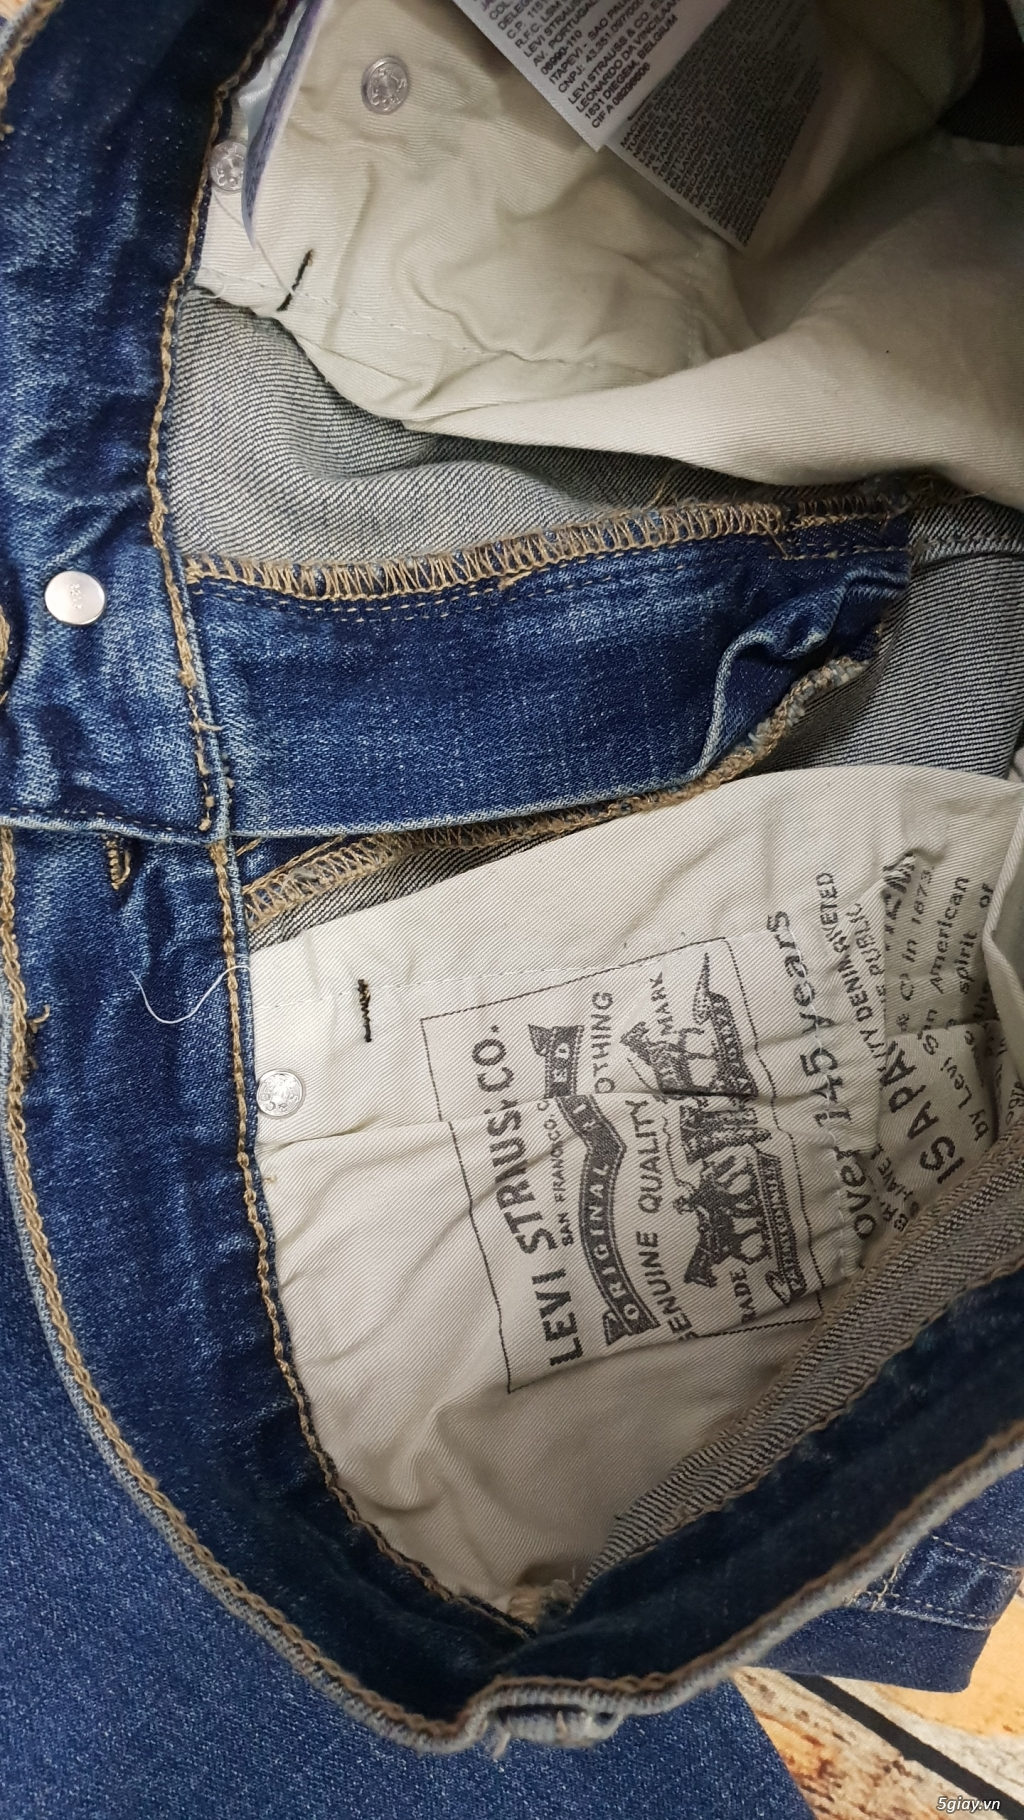 Chuyên bán quần jeans Nam Levi's 511 dáng xuông đủ màu đủ size - 14